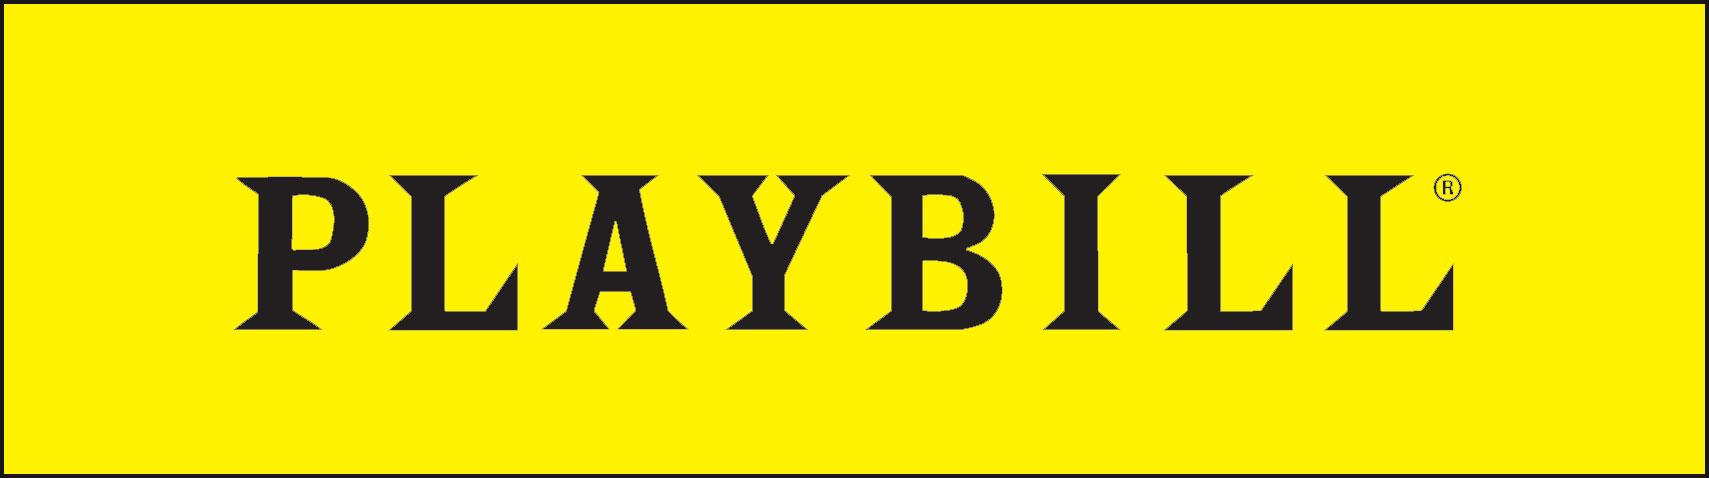 Playbill-Logo-hi-res